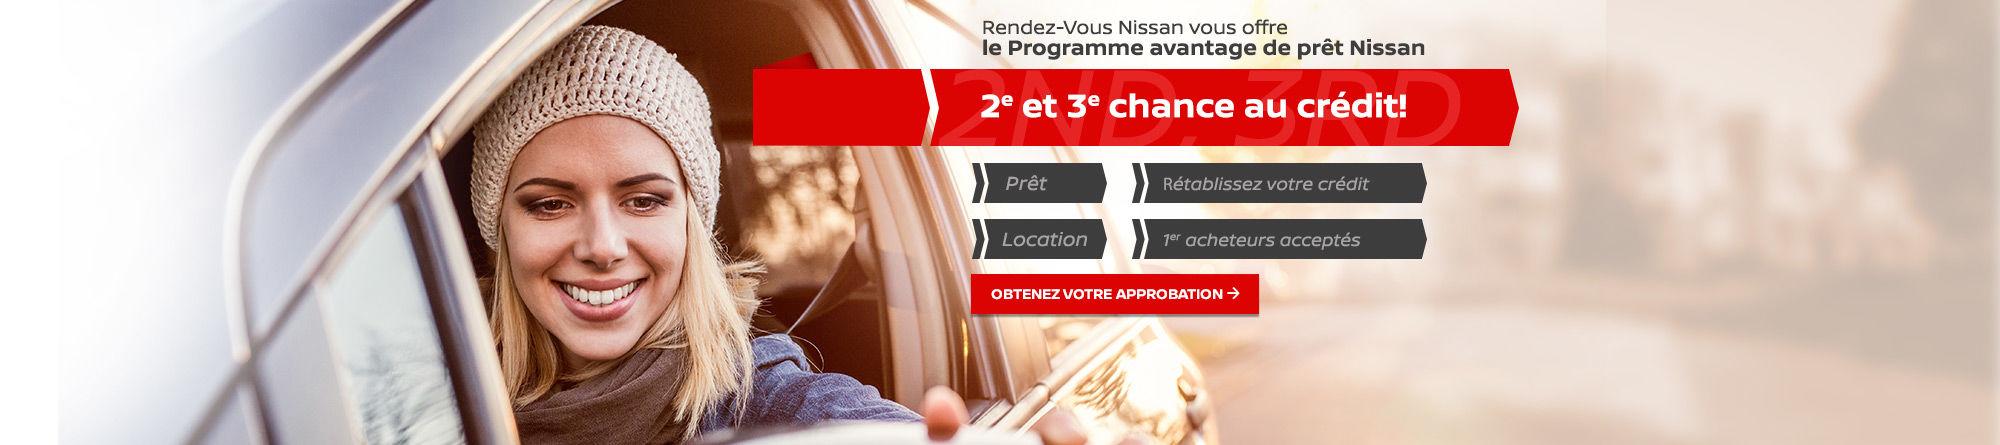 Le Programme avantage de prêt Nissan